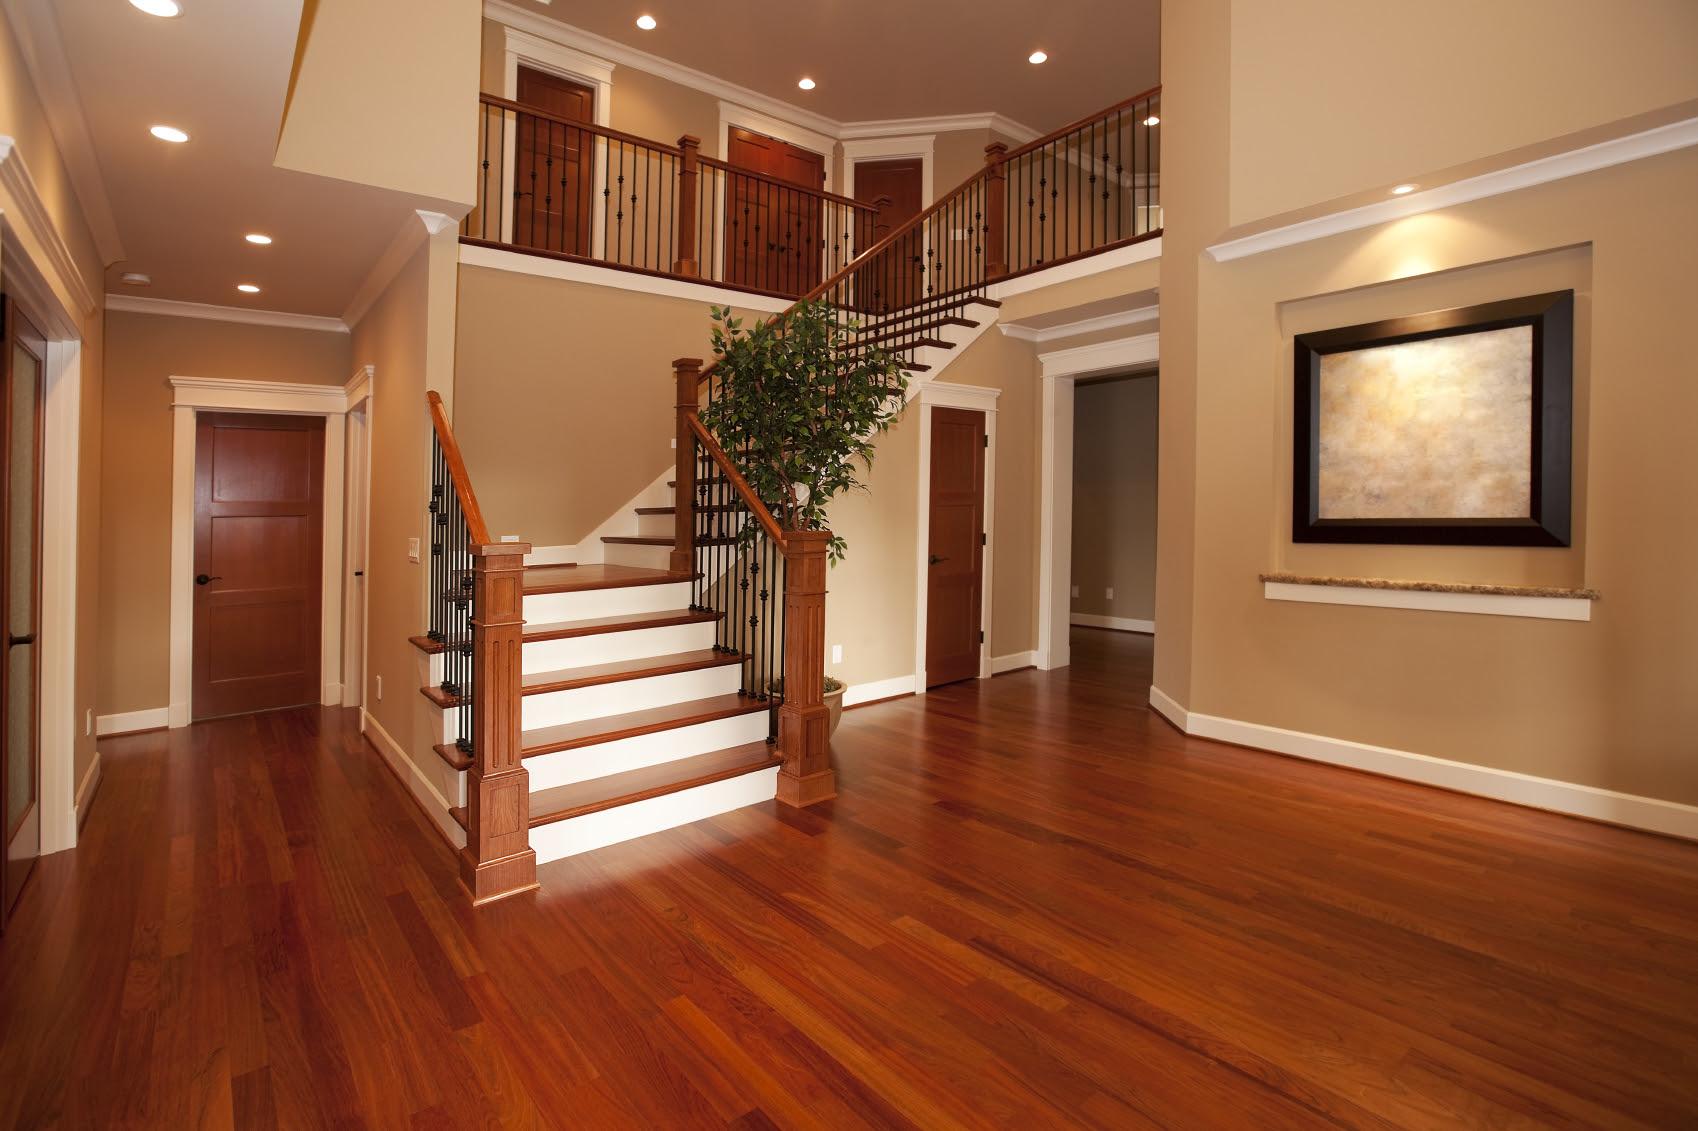 Most Popular Hardwood Floor Colors that Make Your Floor ...